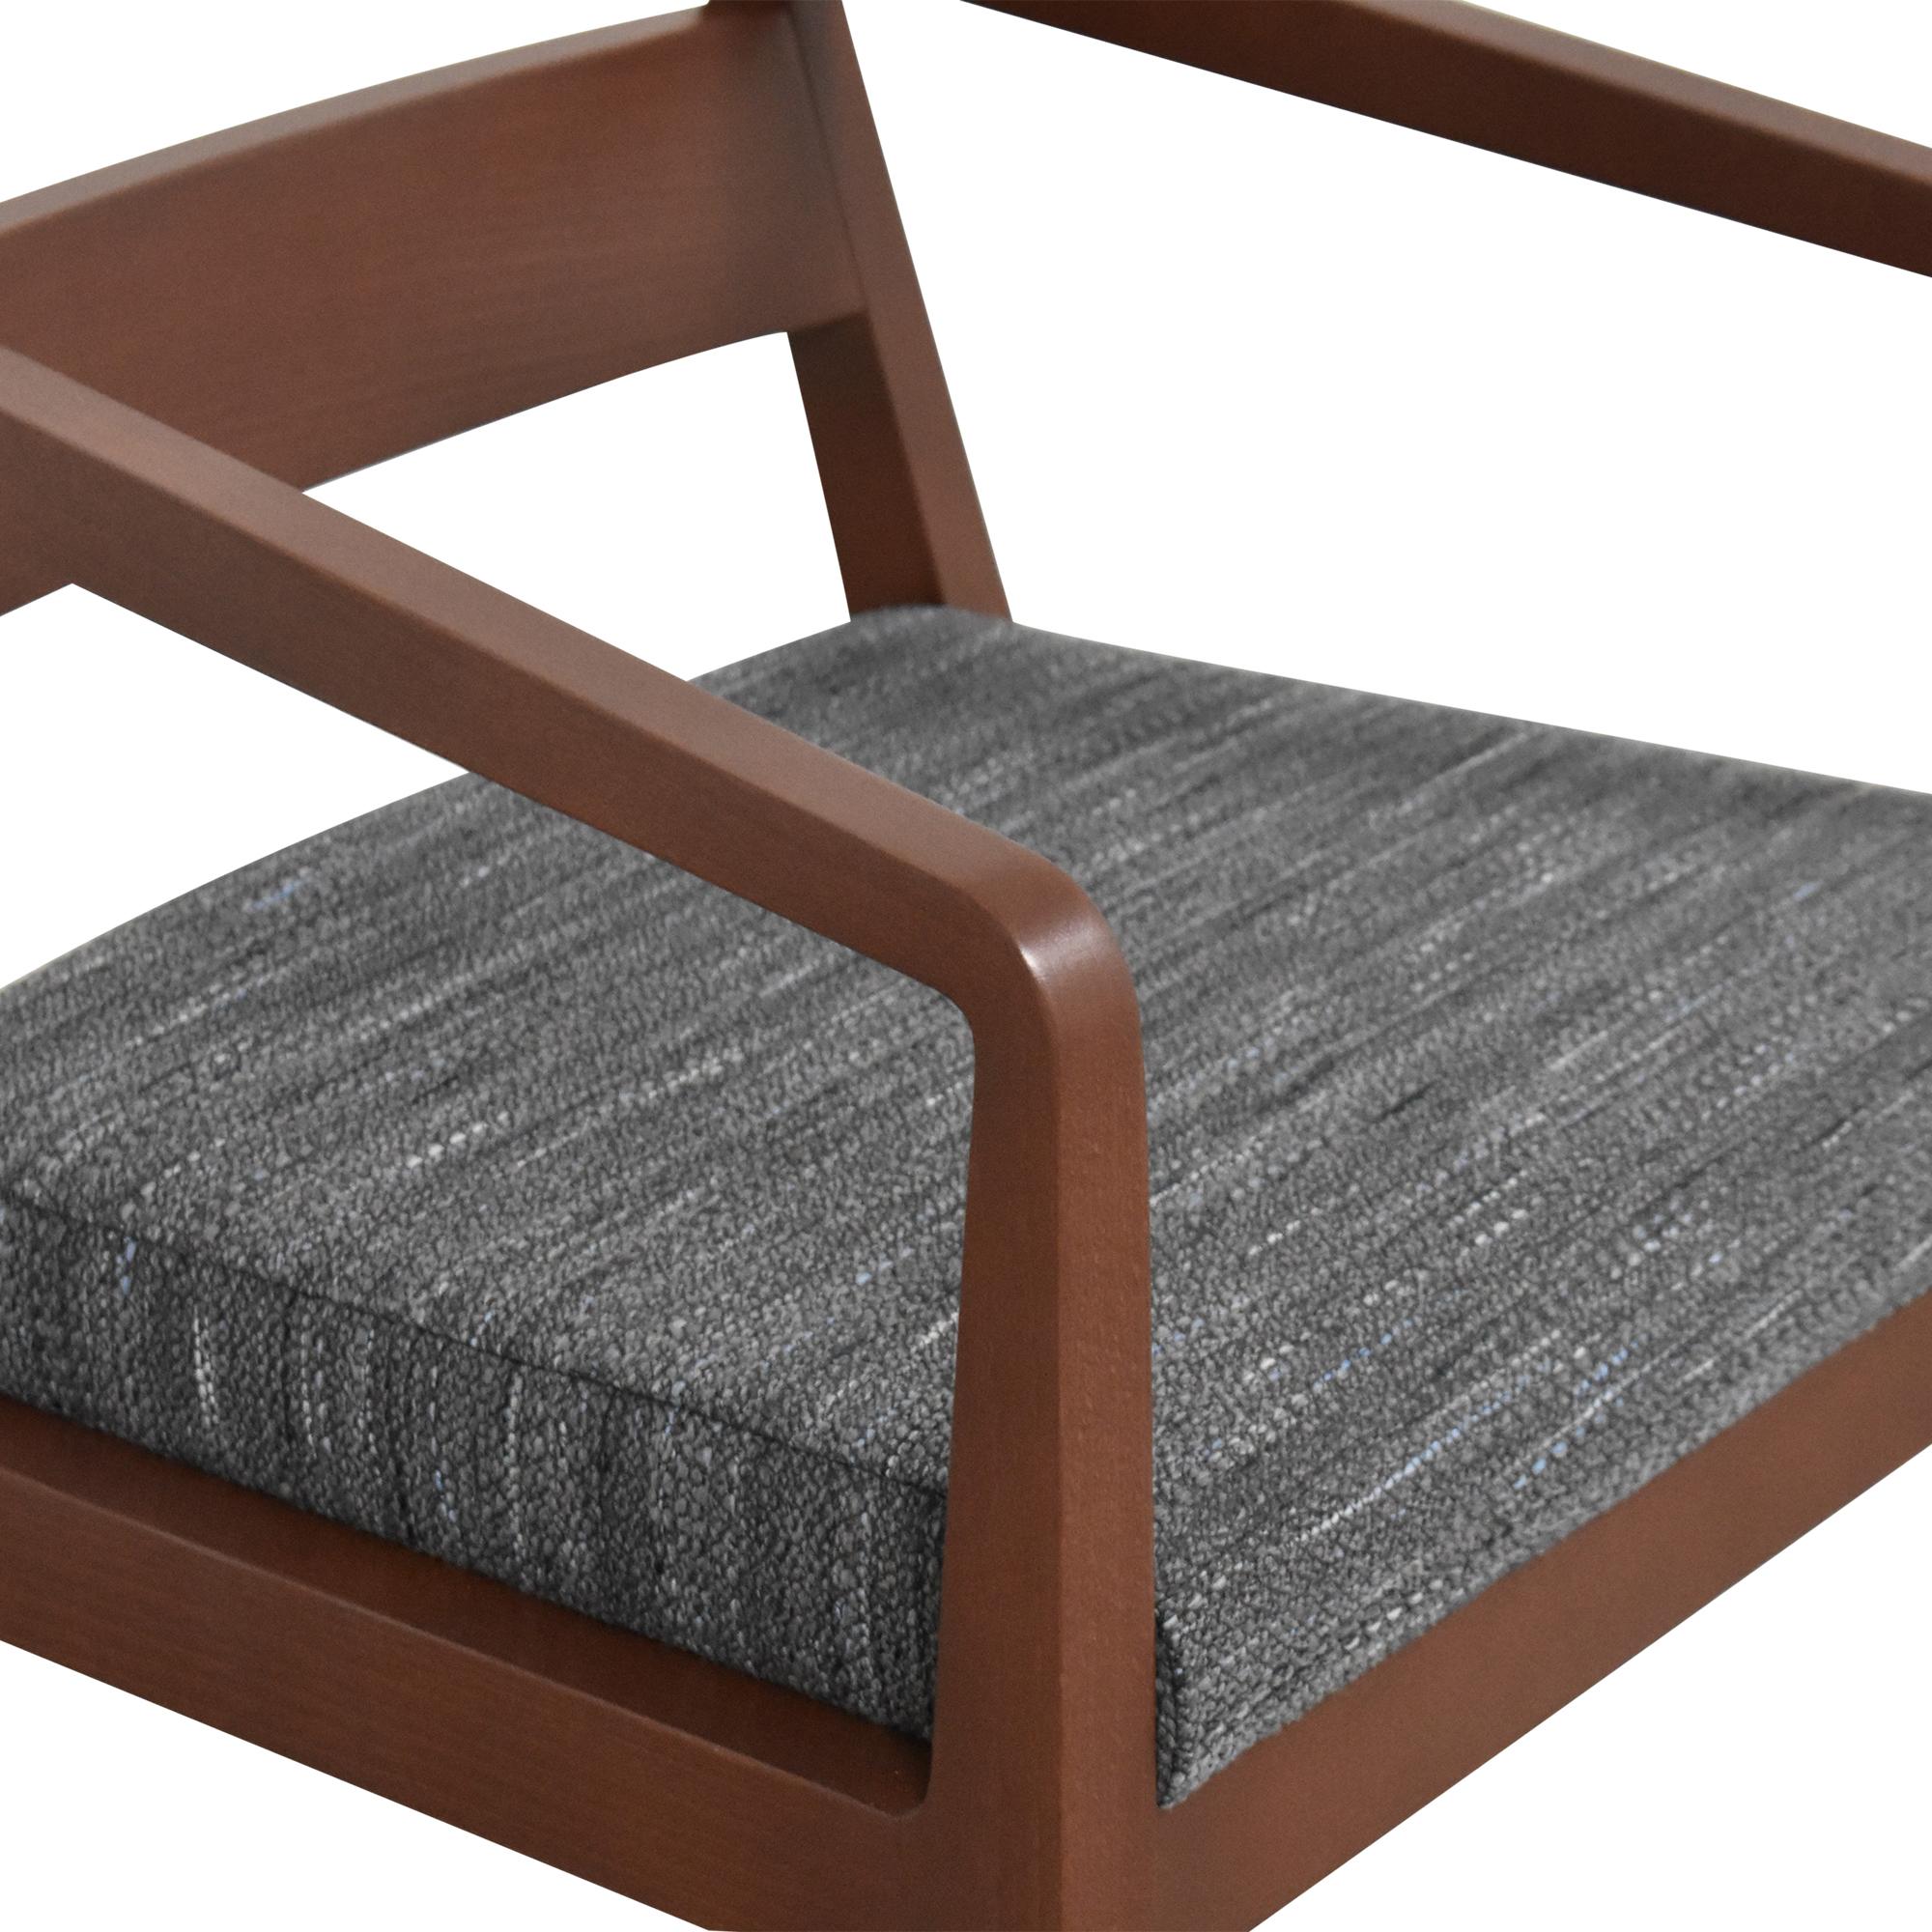 Global Furniture Group Global Furniture Group Chap Chair dimensions